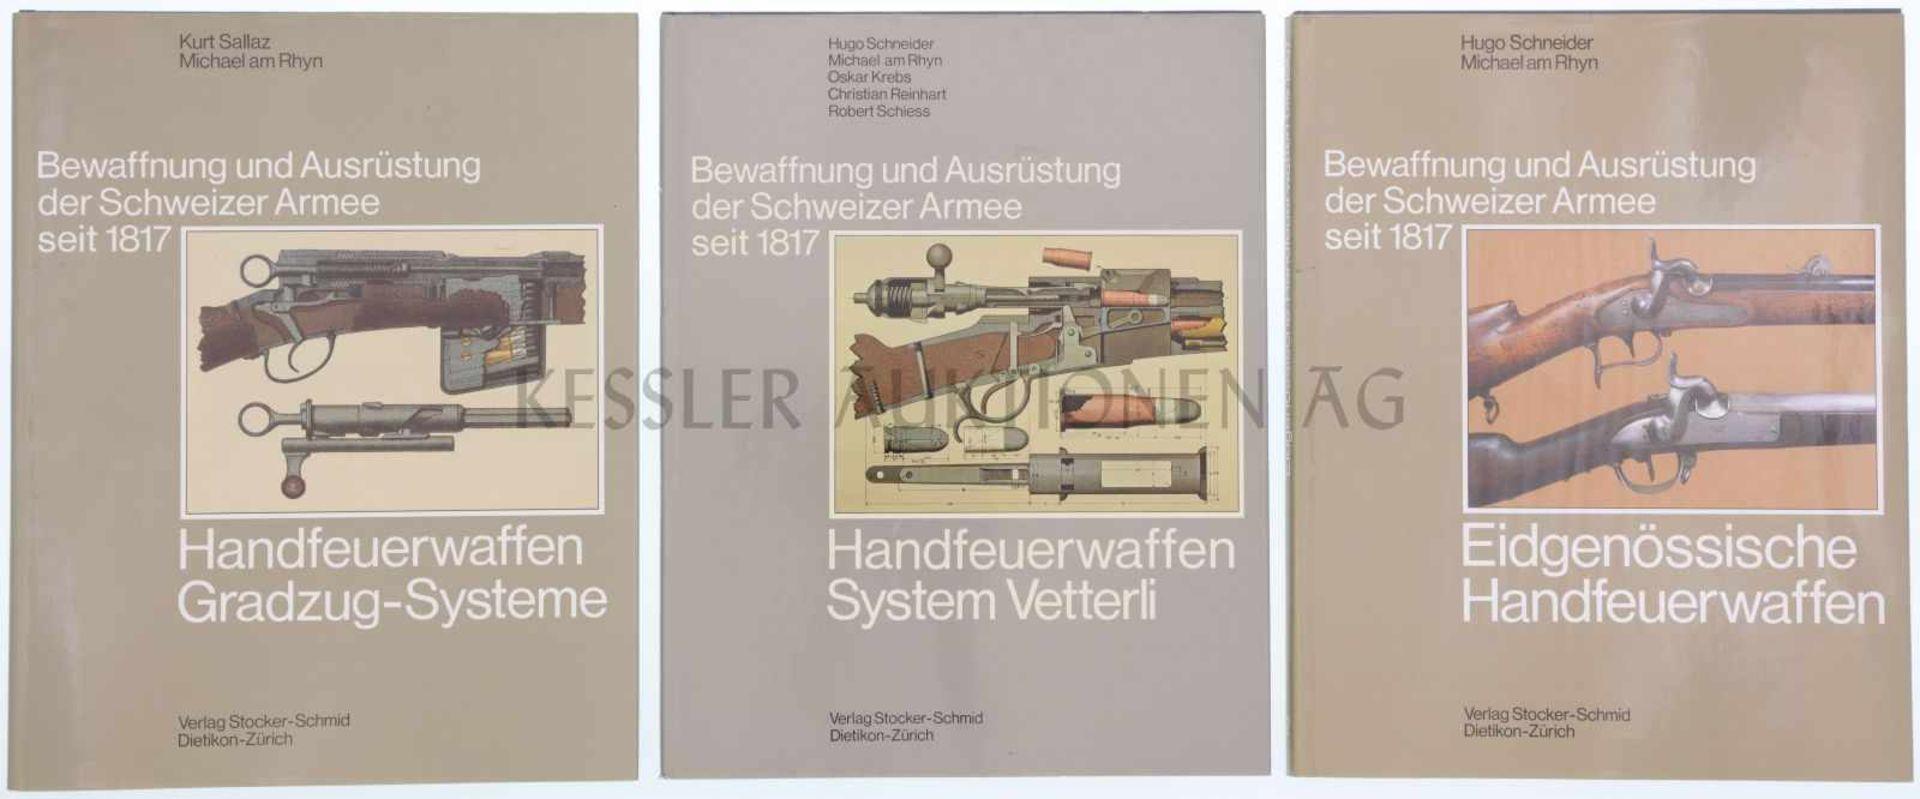 Konvolut von 3 Bänden, Bewaffnung und Ausrüstung der Schweizer Armee 2: Eidgenössische